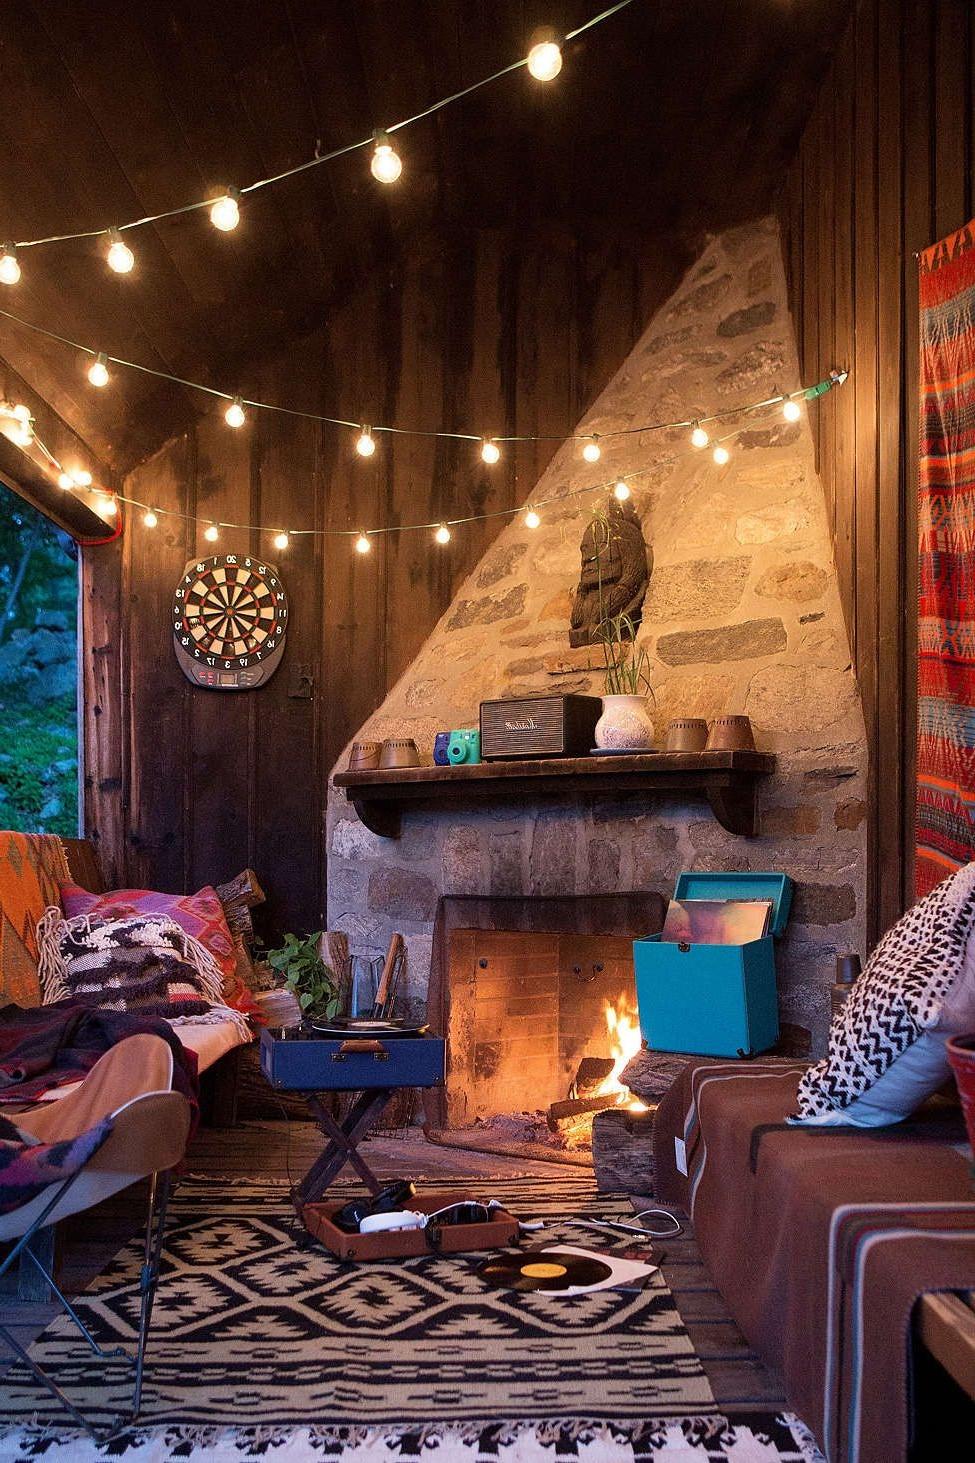 Les guirlandes lumineuses sont un ajout formidable à votre décor d'hiver: elles créent une atmosphère si chaleureuse.